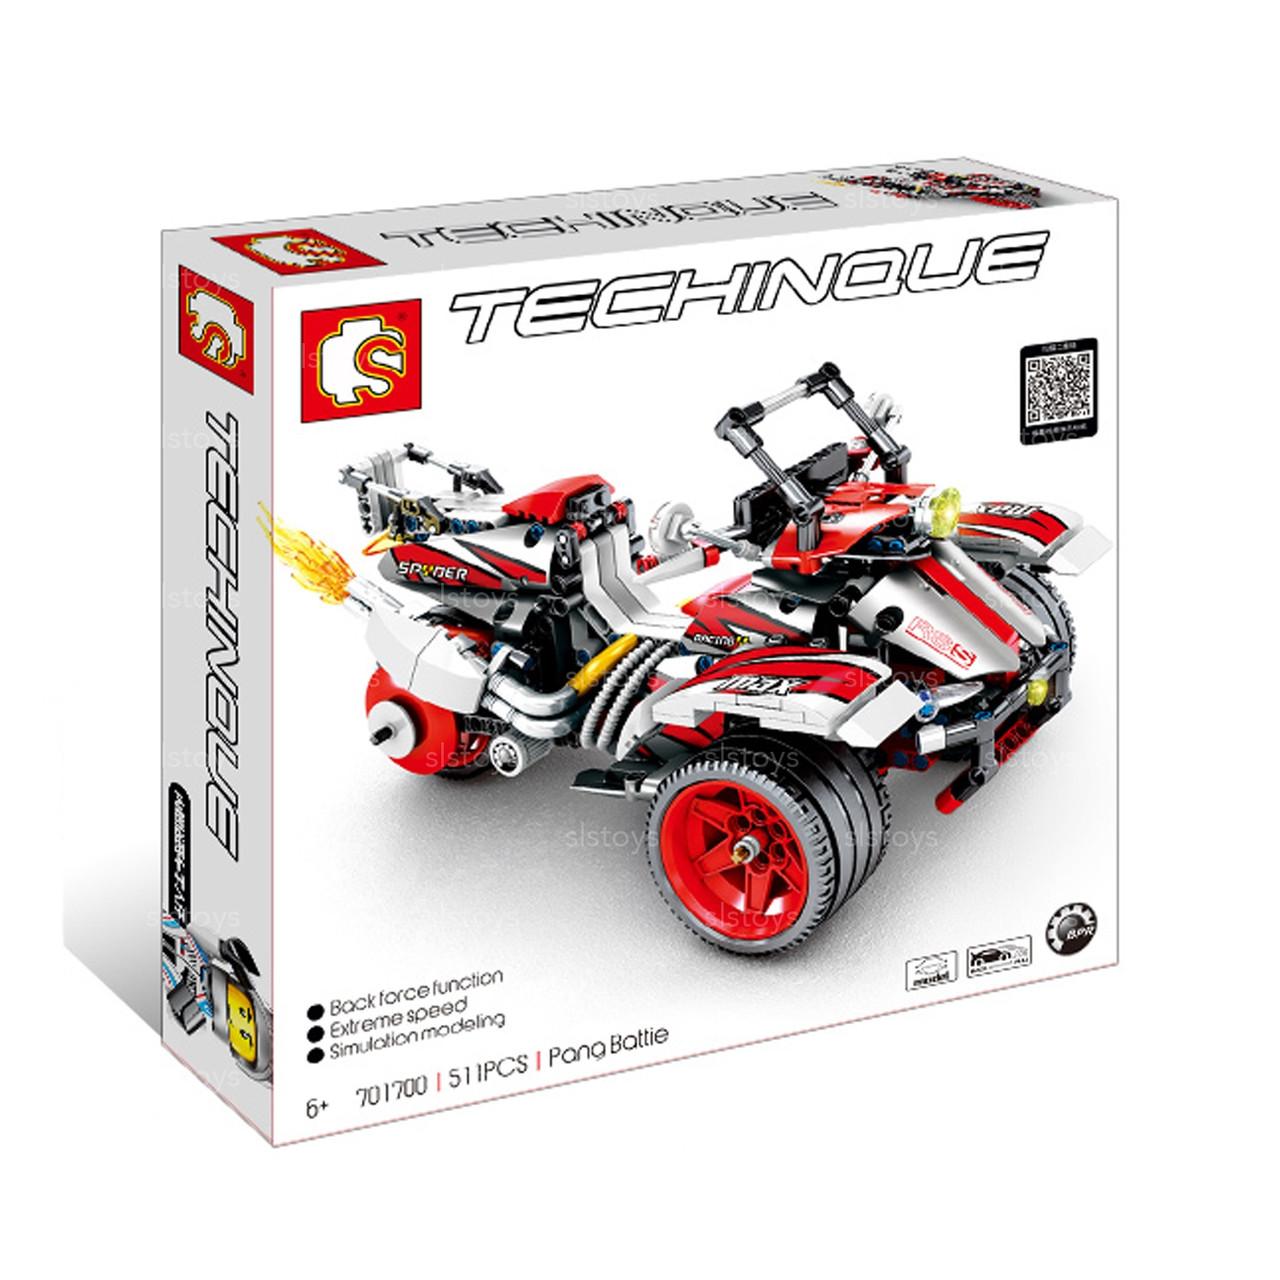 """Конструктор Sembo 701700 """"Трицикл"""" (аналог Lego Technic), 511 дет"""